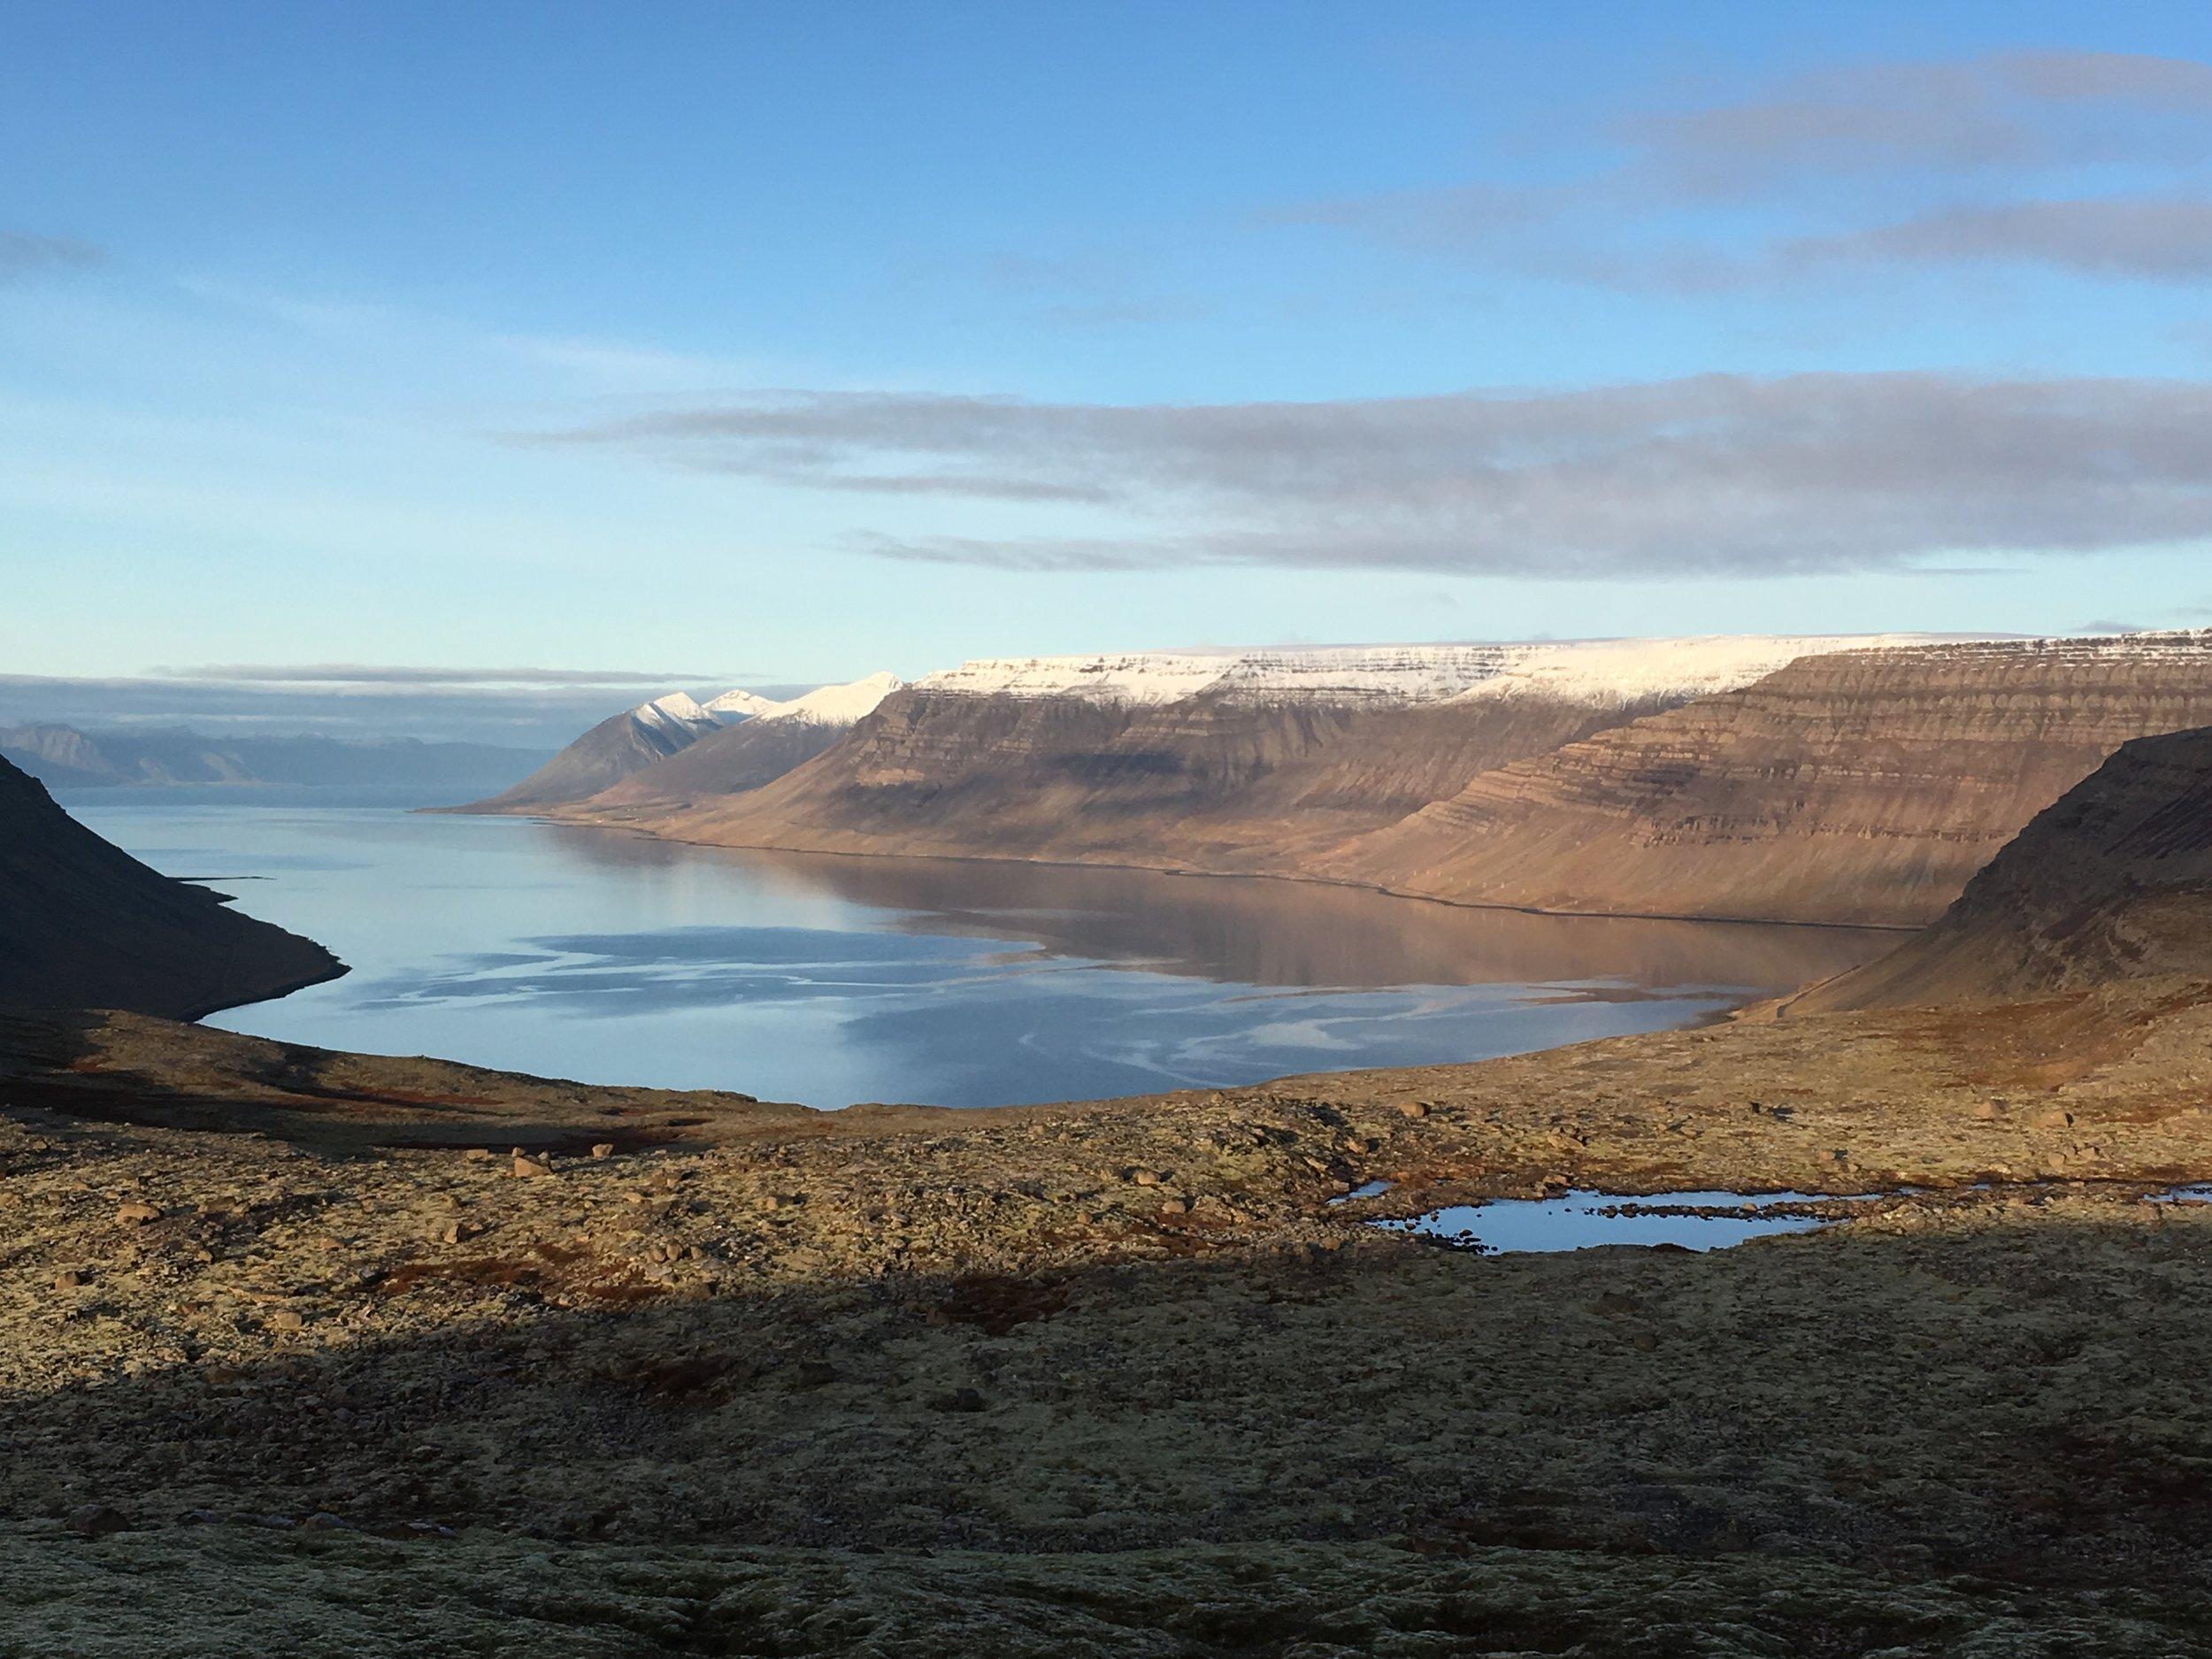 Dynjandisheidi Westfjords, Iceland